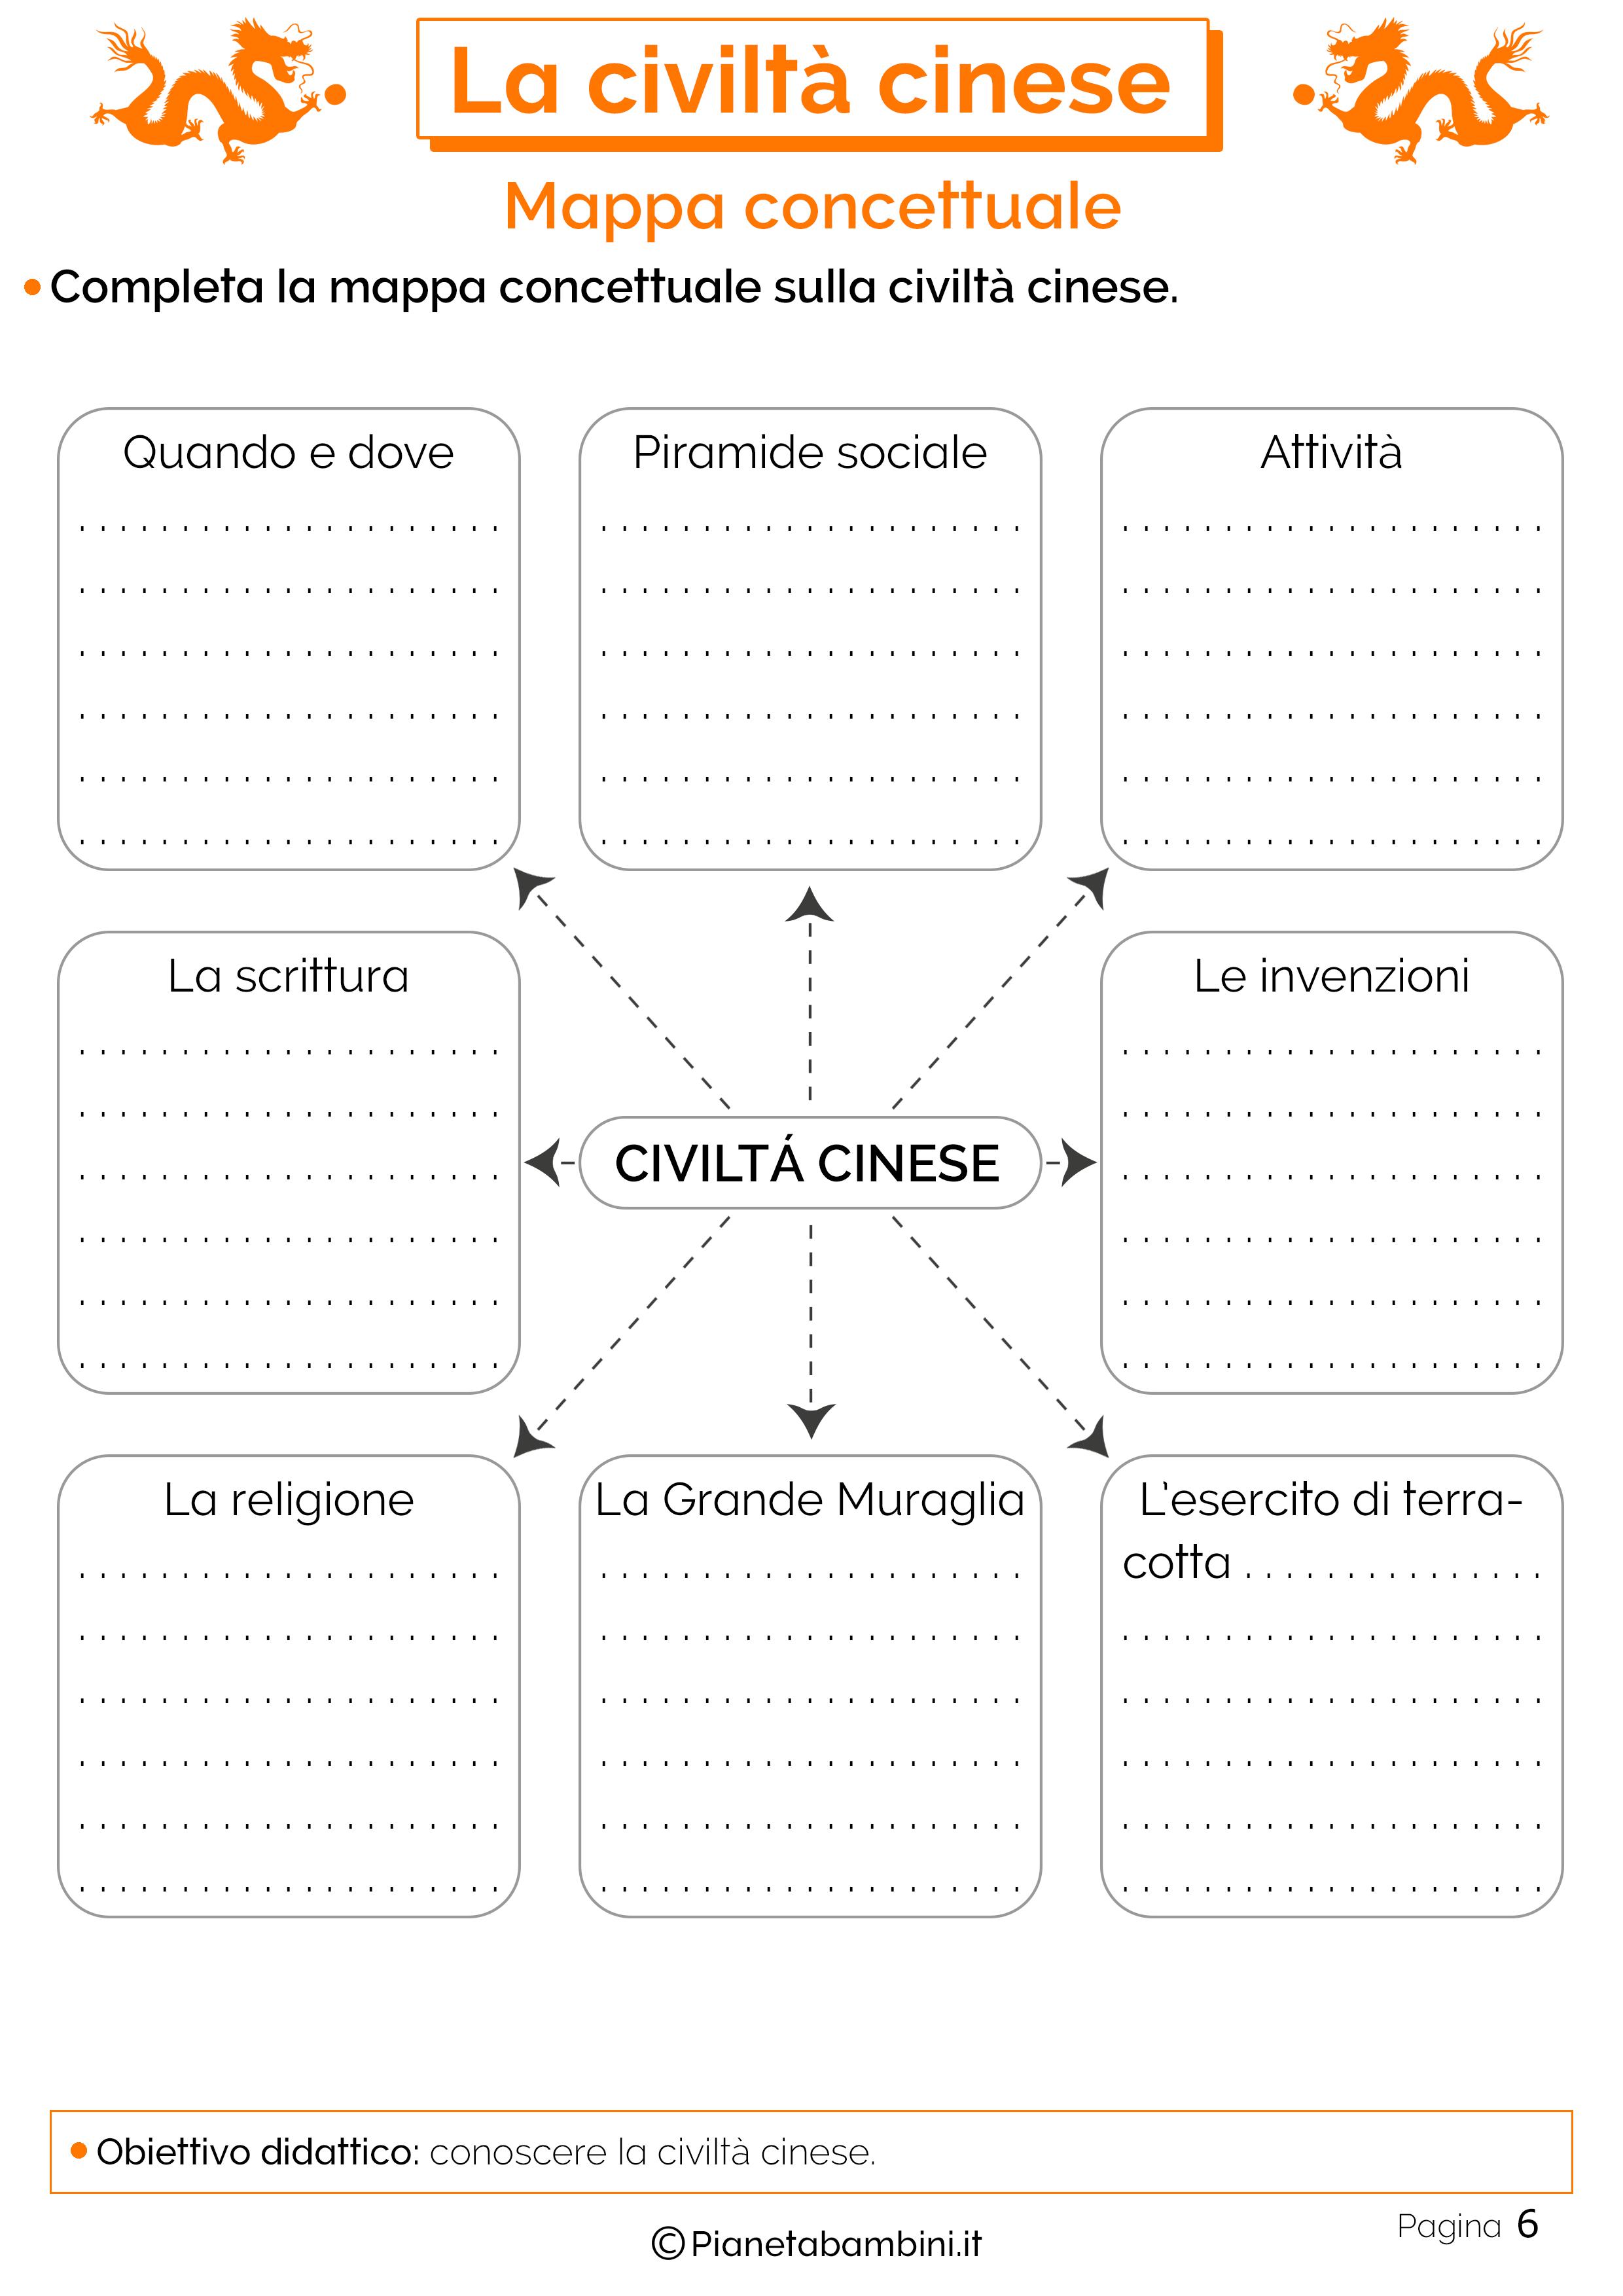 Mappa concettuale da completare sulla civiltà cinese